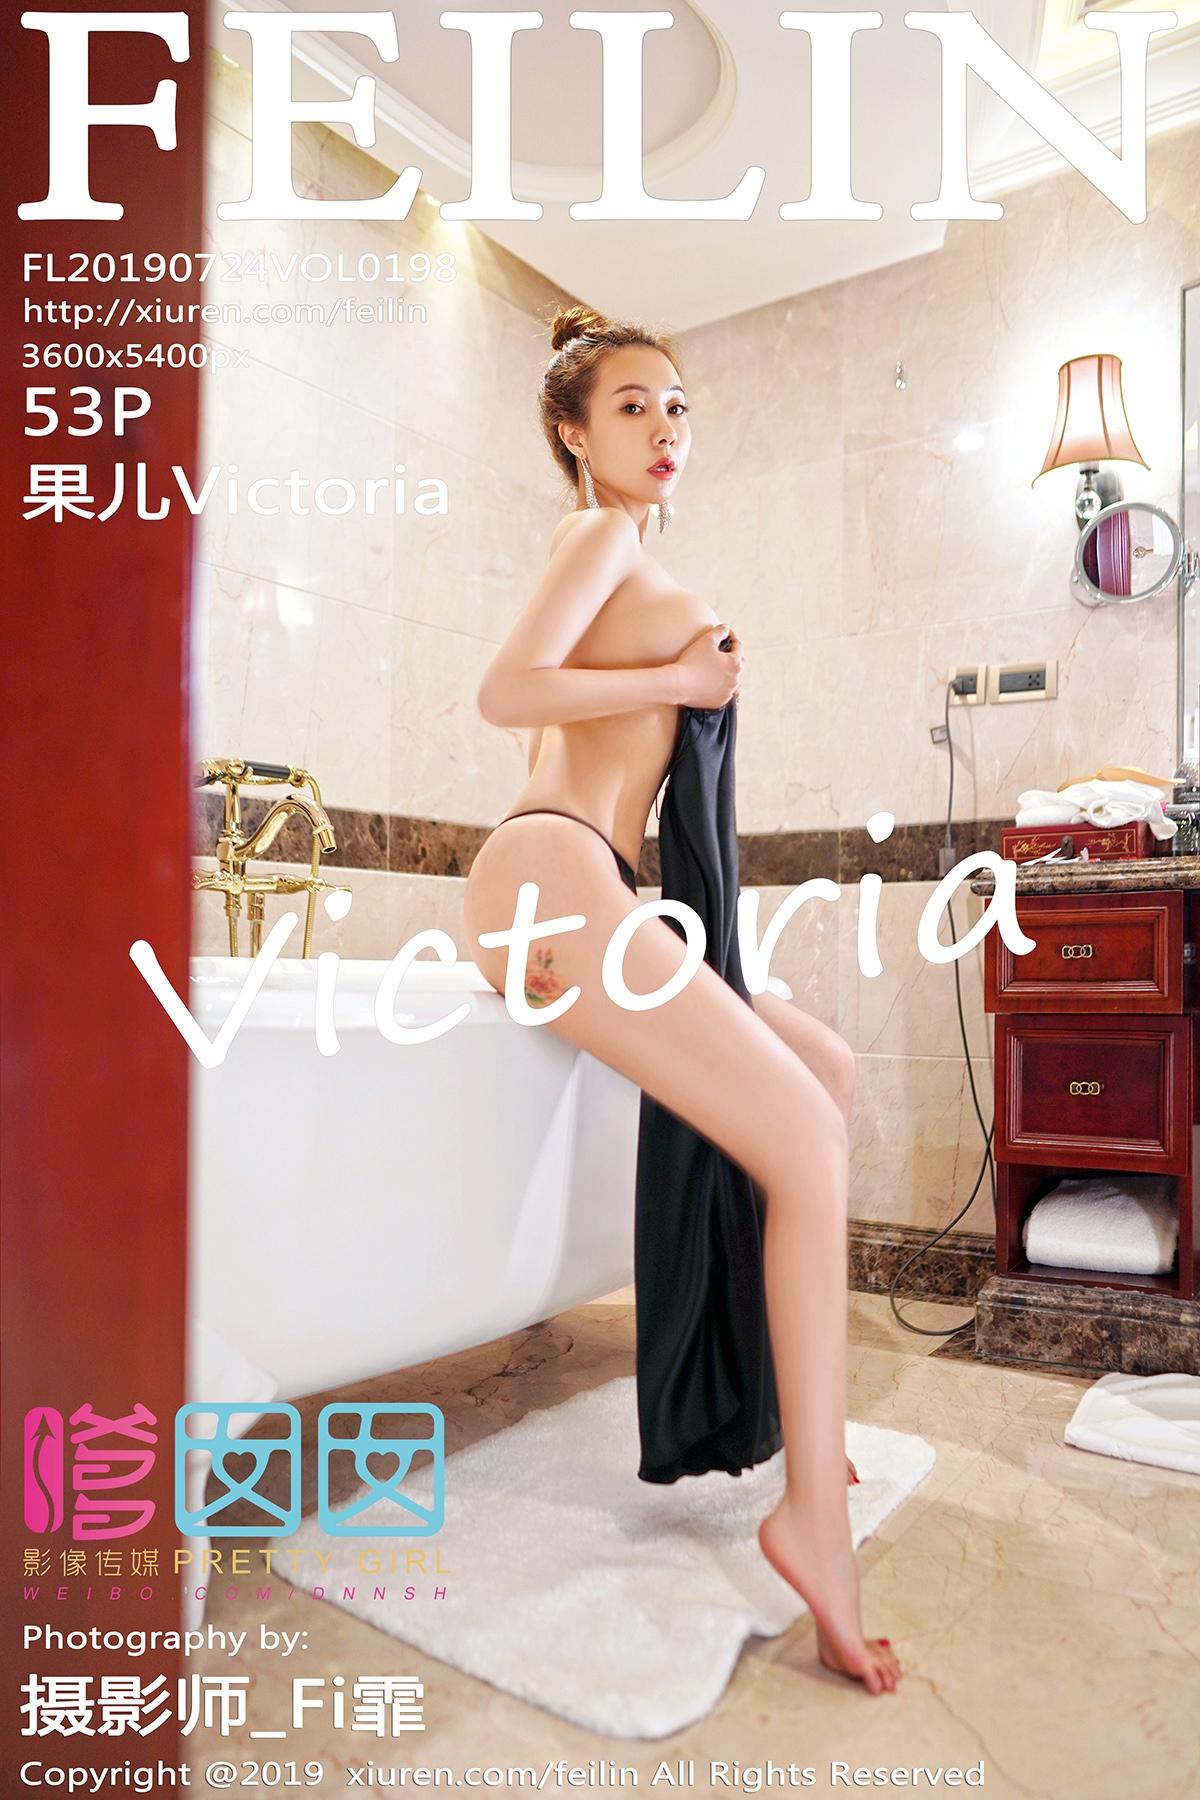 [FEILIN嗲囡囡] 2019.07.24 Vol.198 果儿Victoria [/166M]